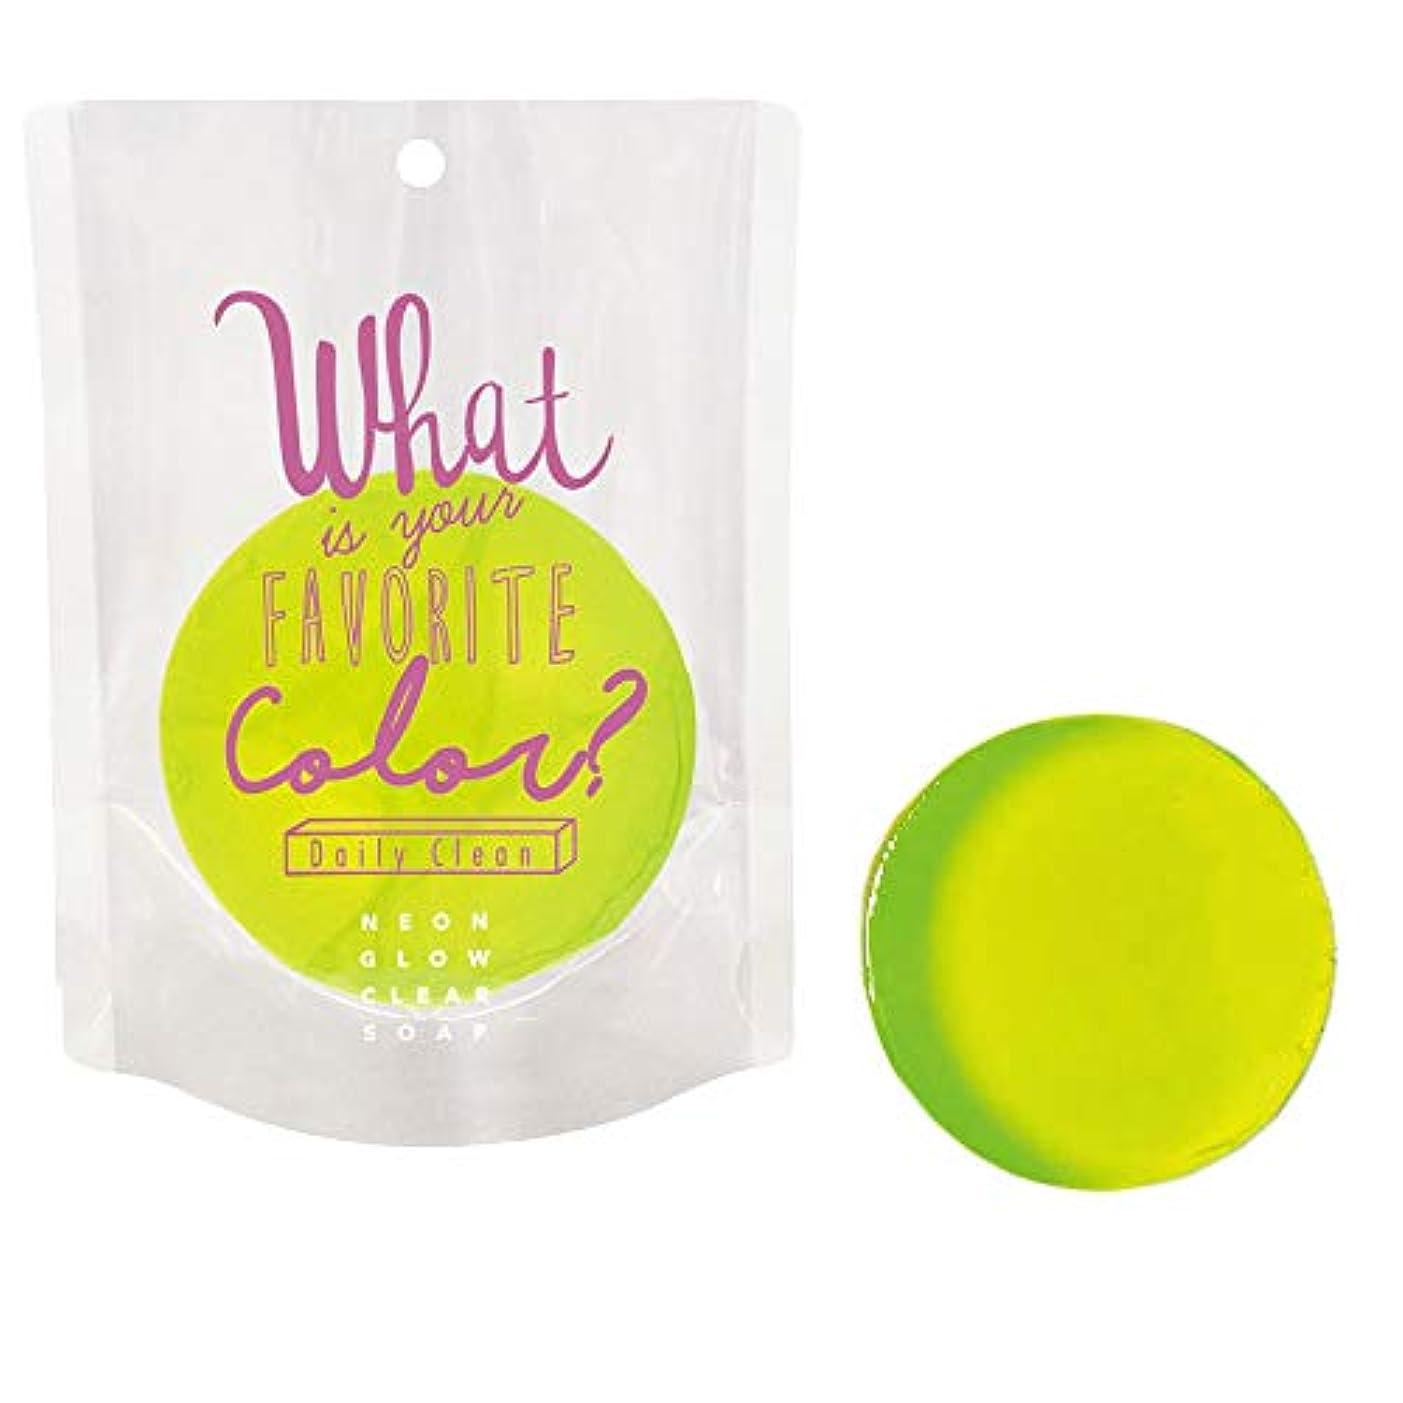 麦芽死んでいるシャトルネオングロークリアソープ ob-ngw-2-1-4(02/パパイヤ) Neon Glow Clear Soap 石鹸 ノルコーポレーション 固形 せっけん カラフル 香り 清潔 ギフト プレゼント